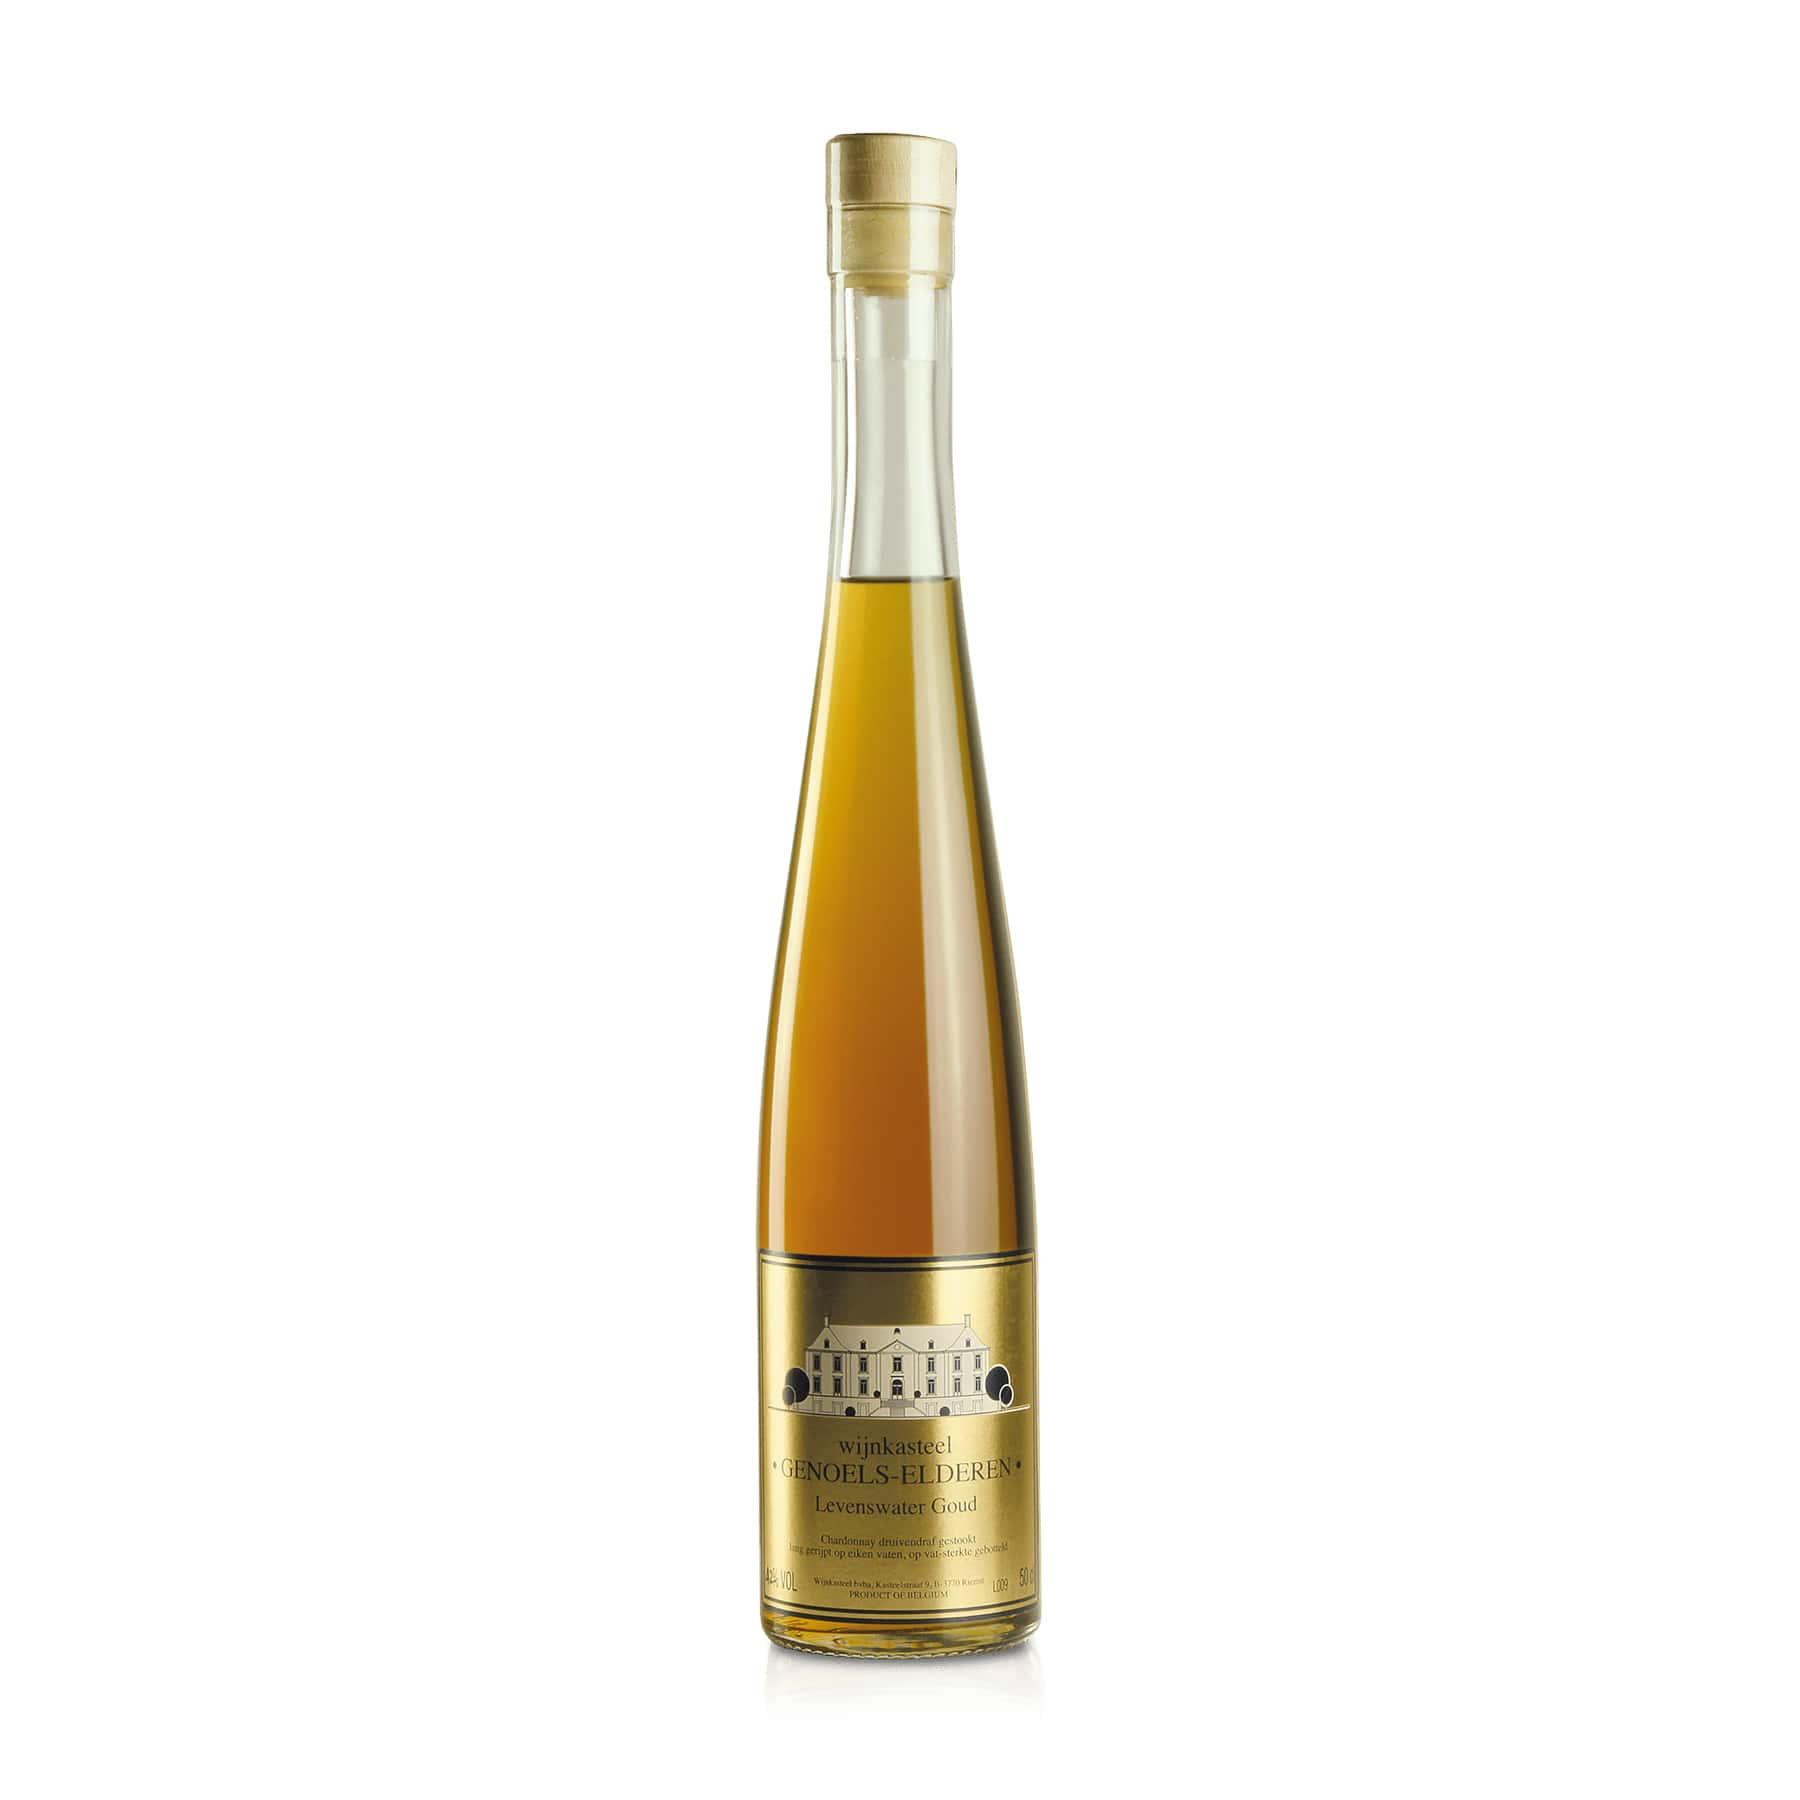 Fles Limburgs Levenswater Goud Wijnkasteel Genoels-Elderen